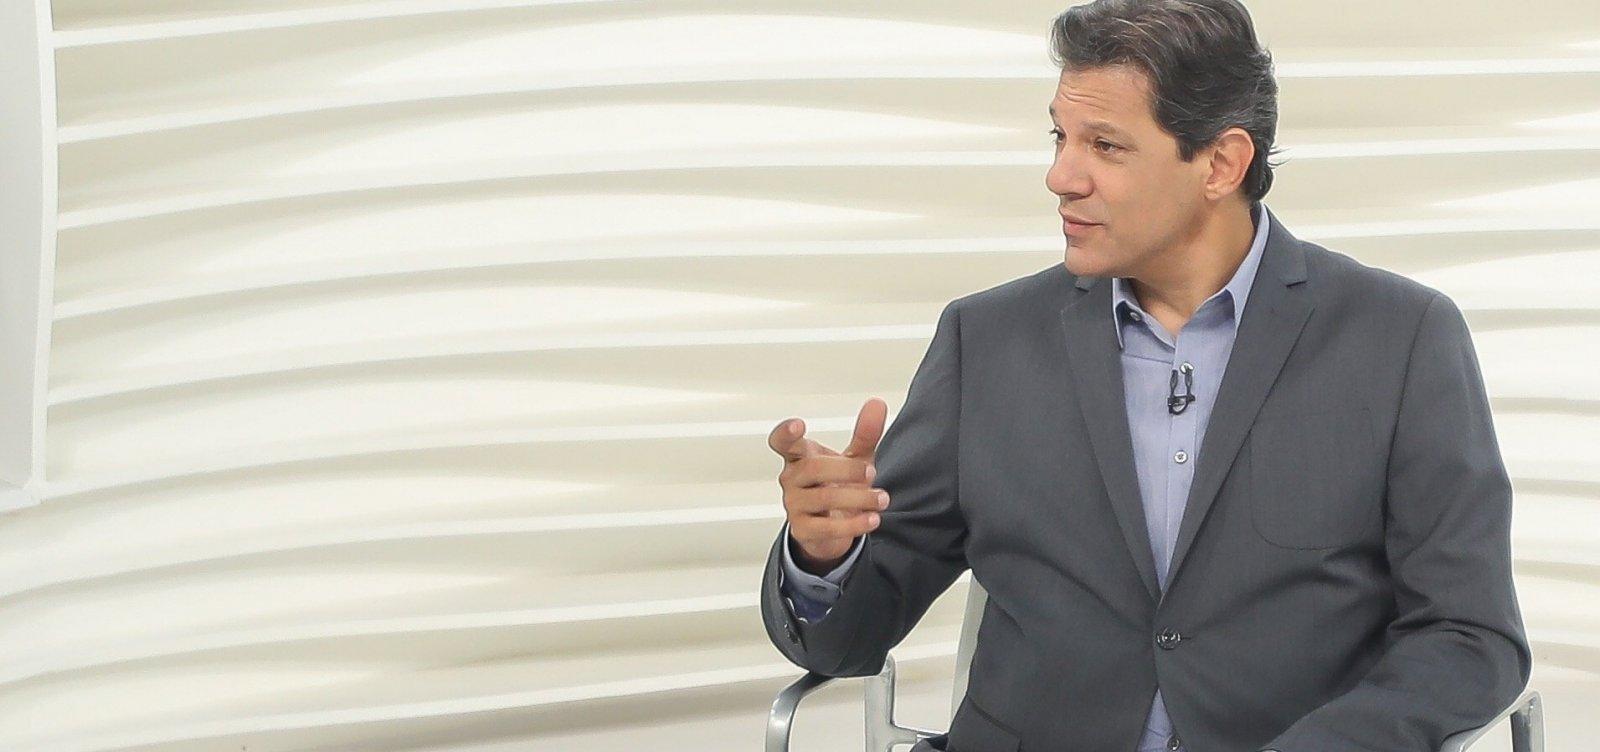 ['Só cumprimentei Bolsonaro quando meu coração se aquietou', diz Haddad]